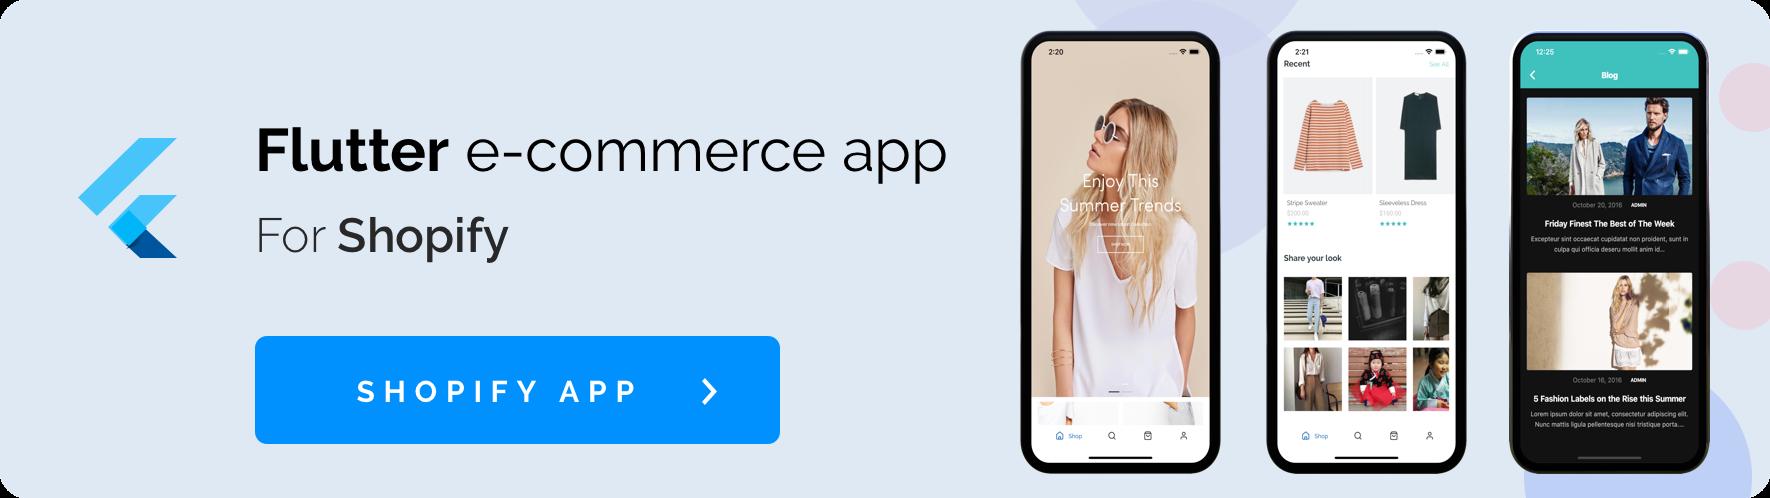 Fluxstore Prestashop - Flutter E-commerce Full App - 8